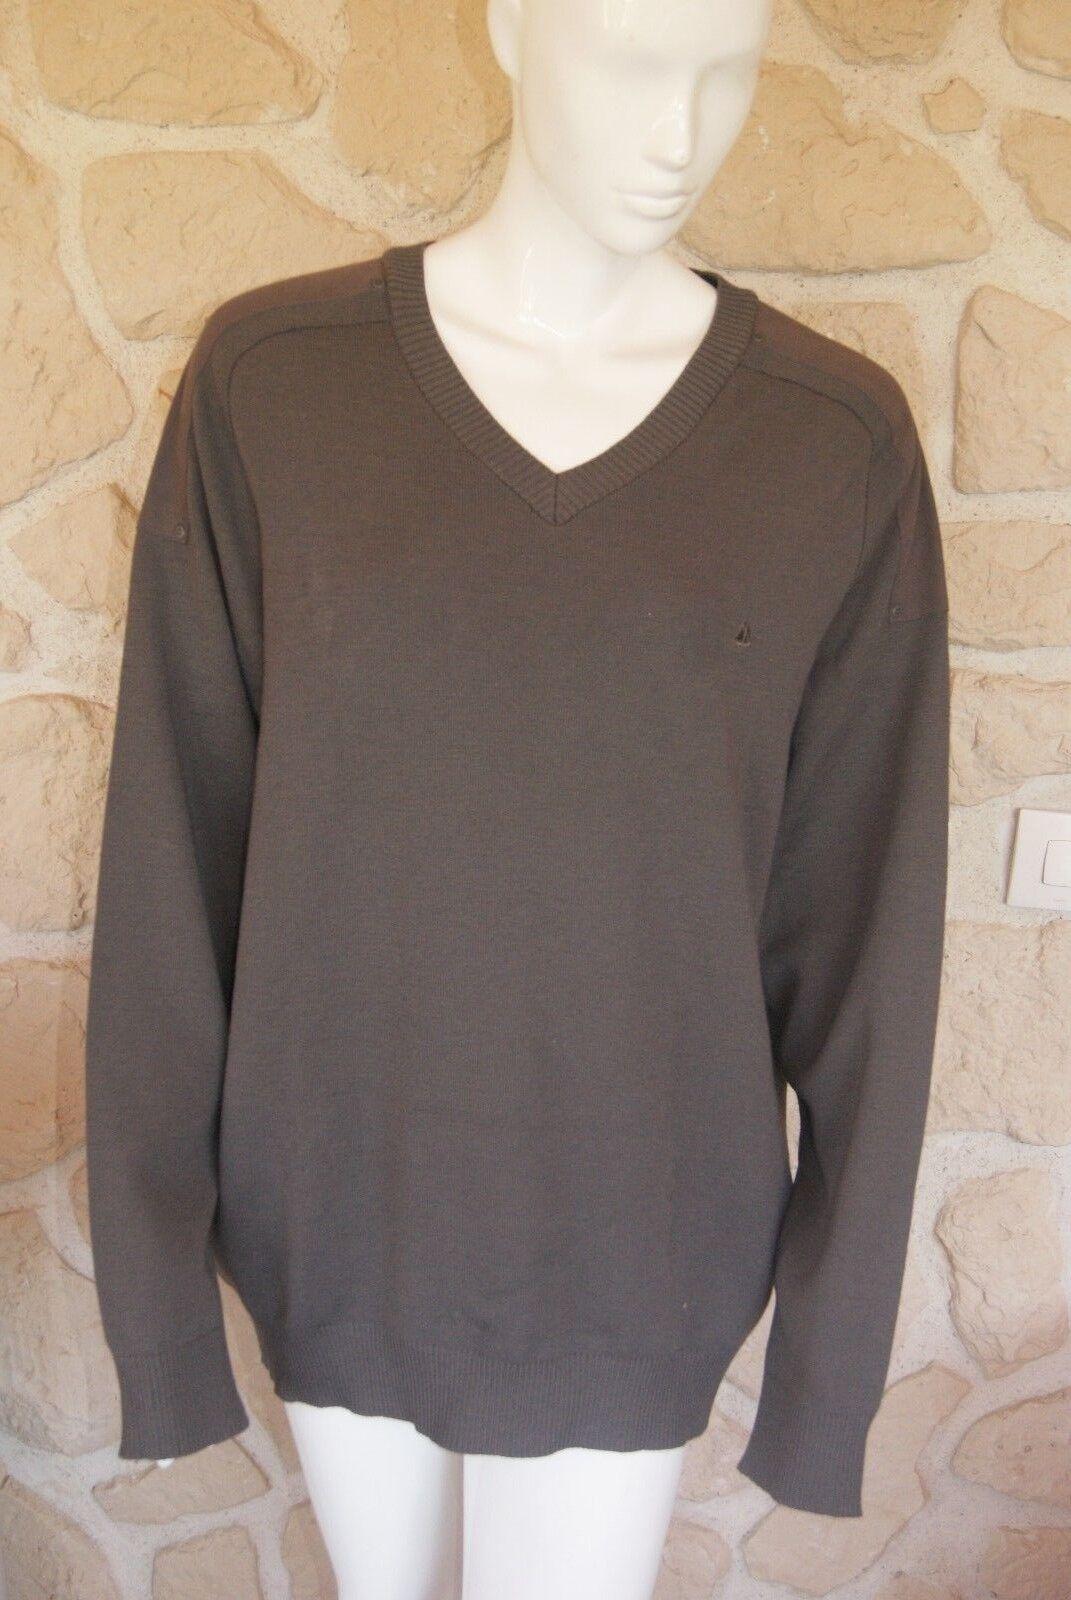 Tres joli pull en laine mérinos taille 6 ROYAL MER BRETAGNE étiquetté